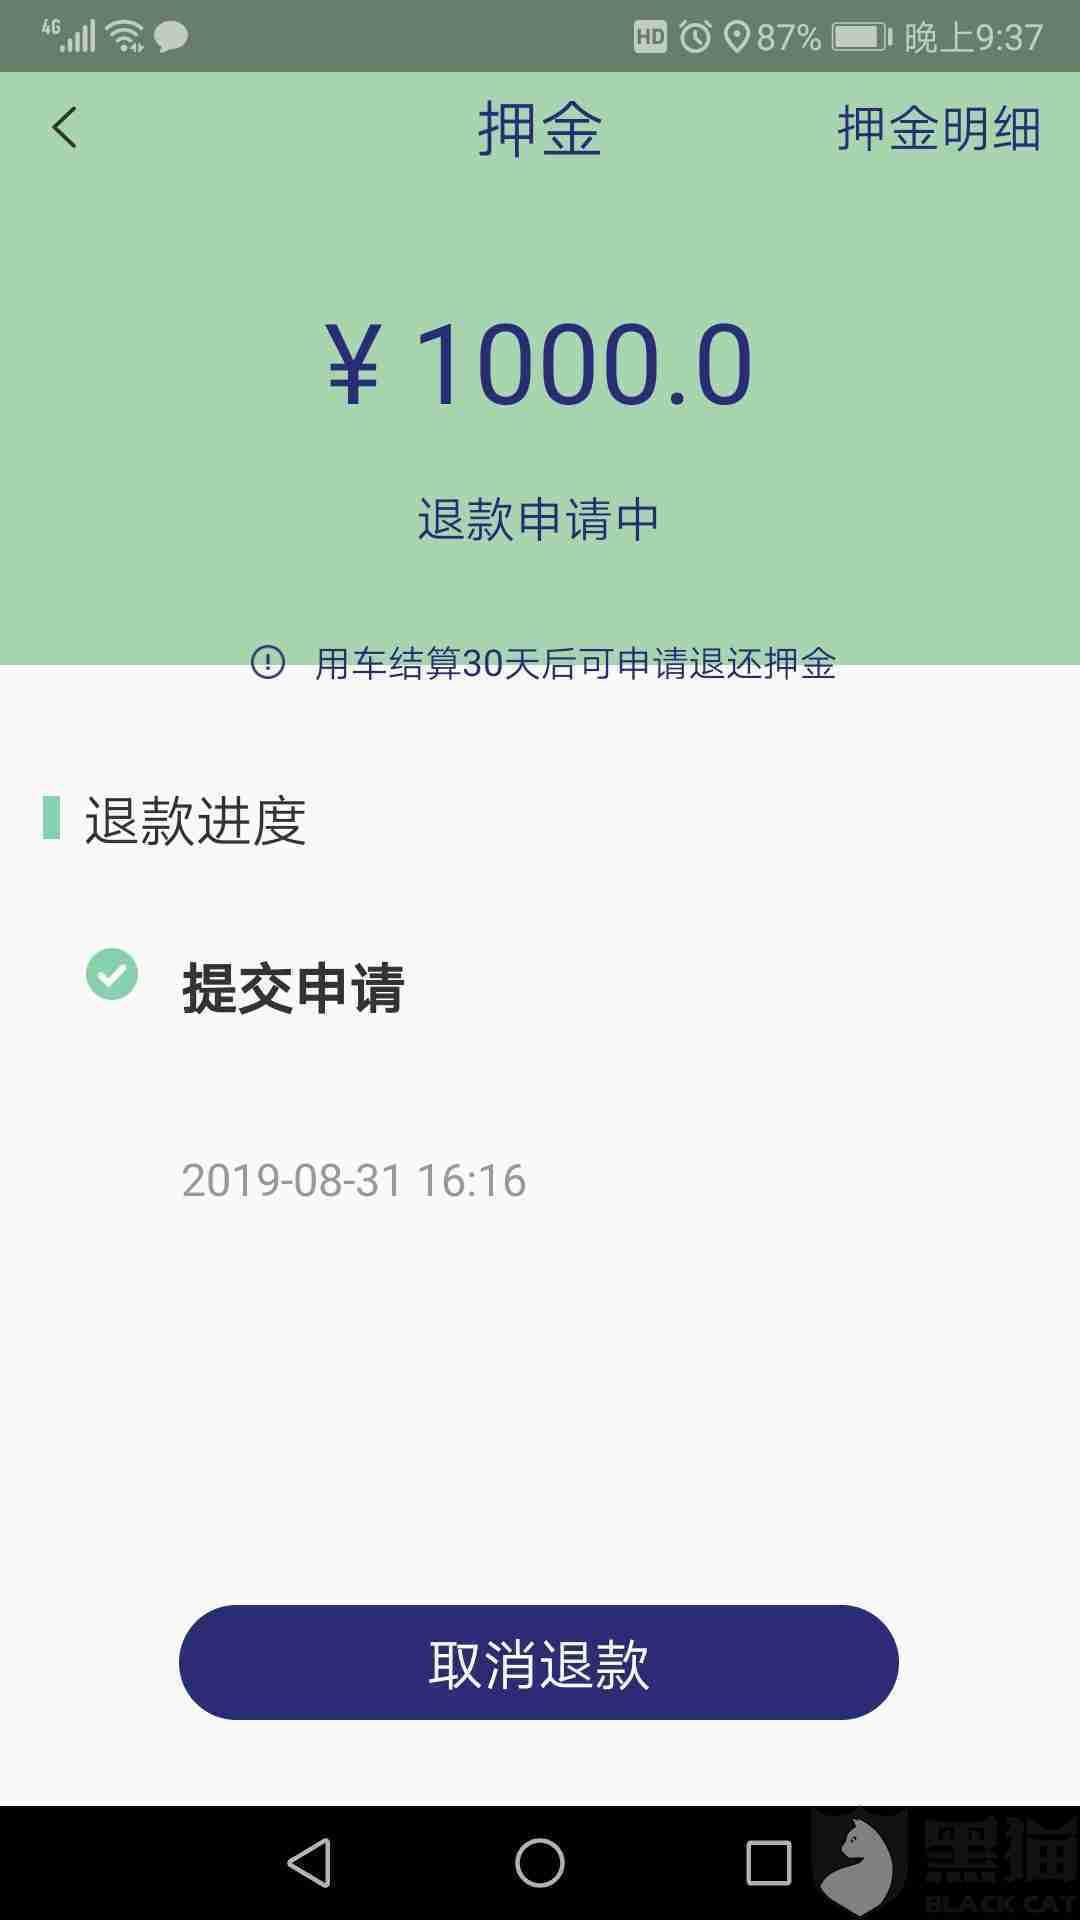 黑猫投诉:本人于去年至今大约用了4次盼达用车,开始时交了1000元押金。广州市区内使用。